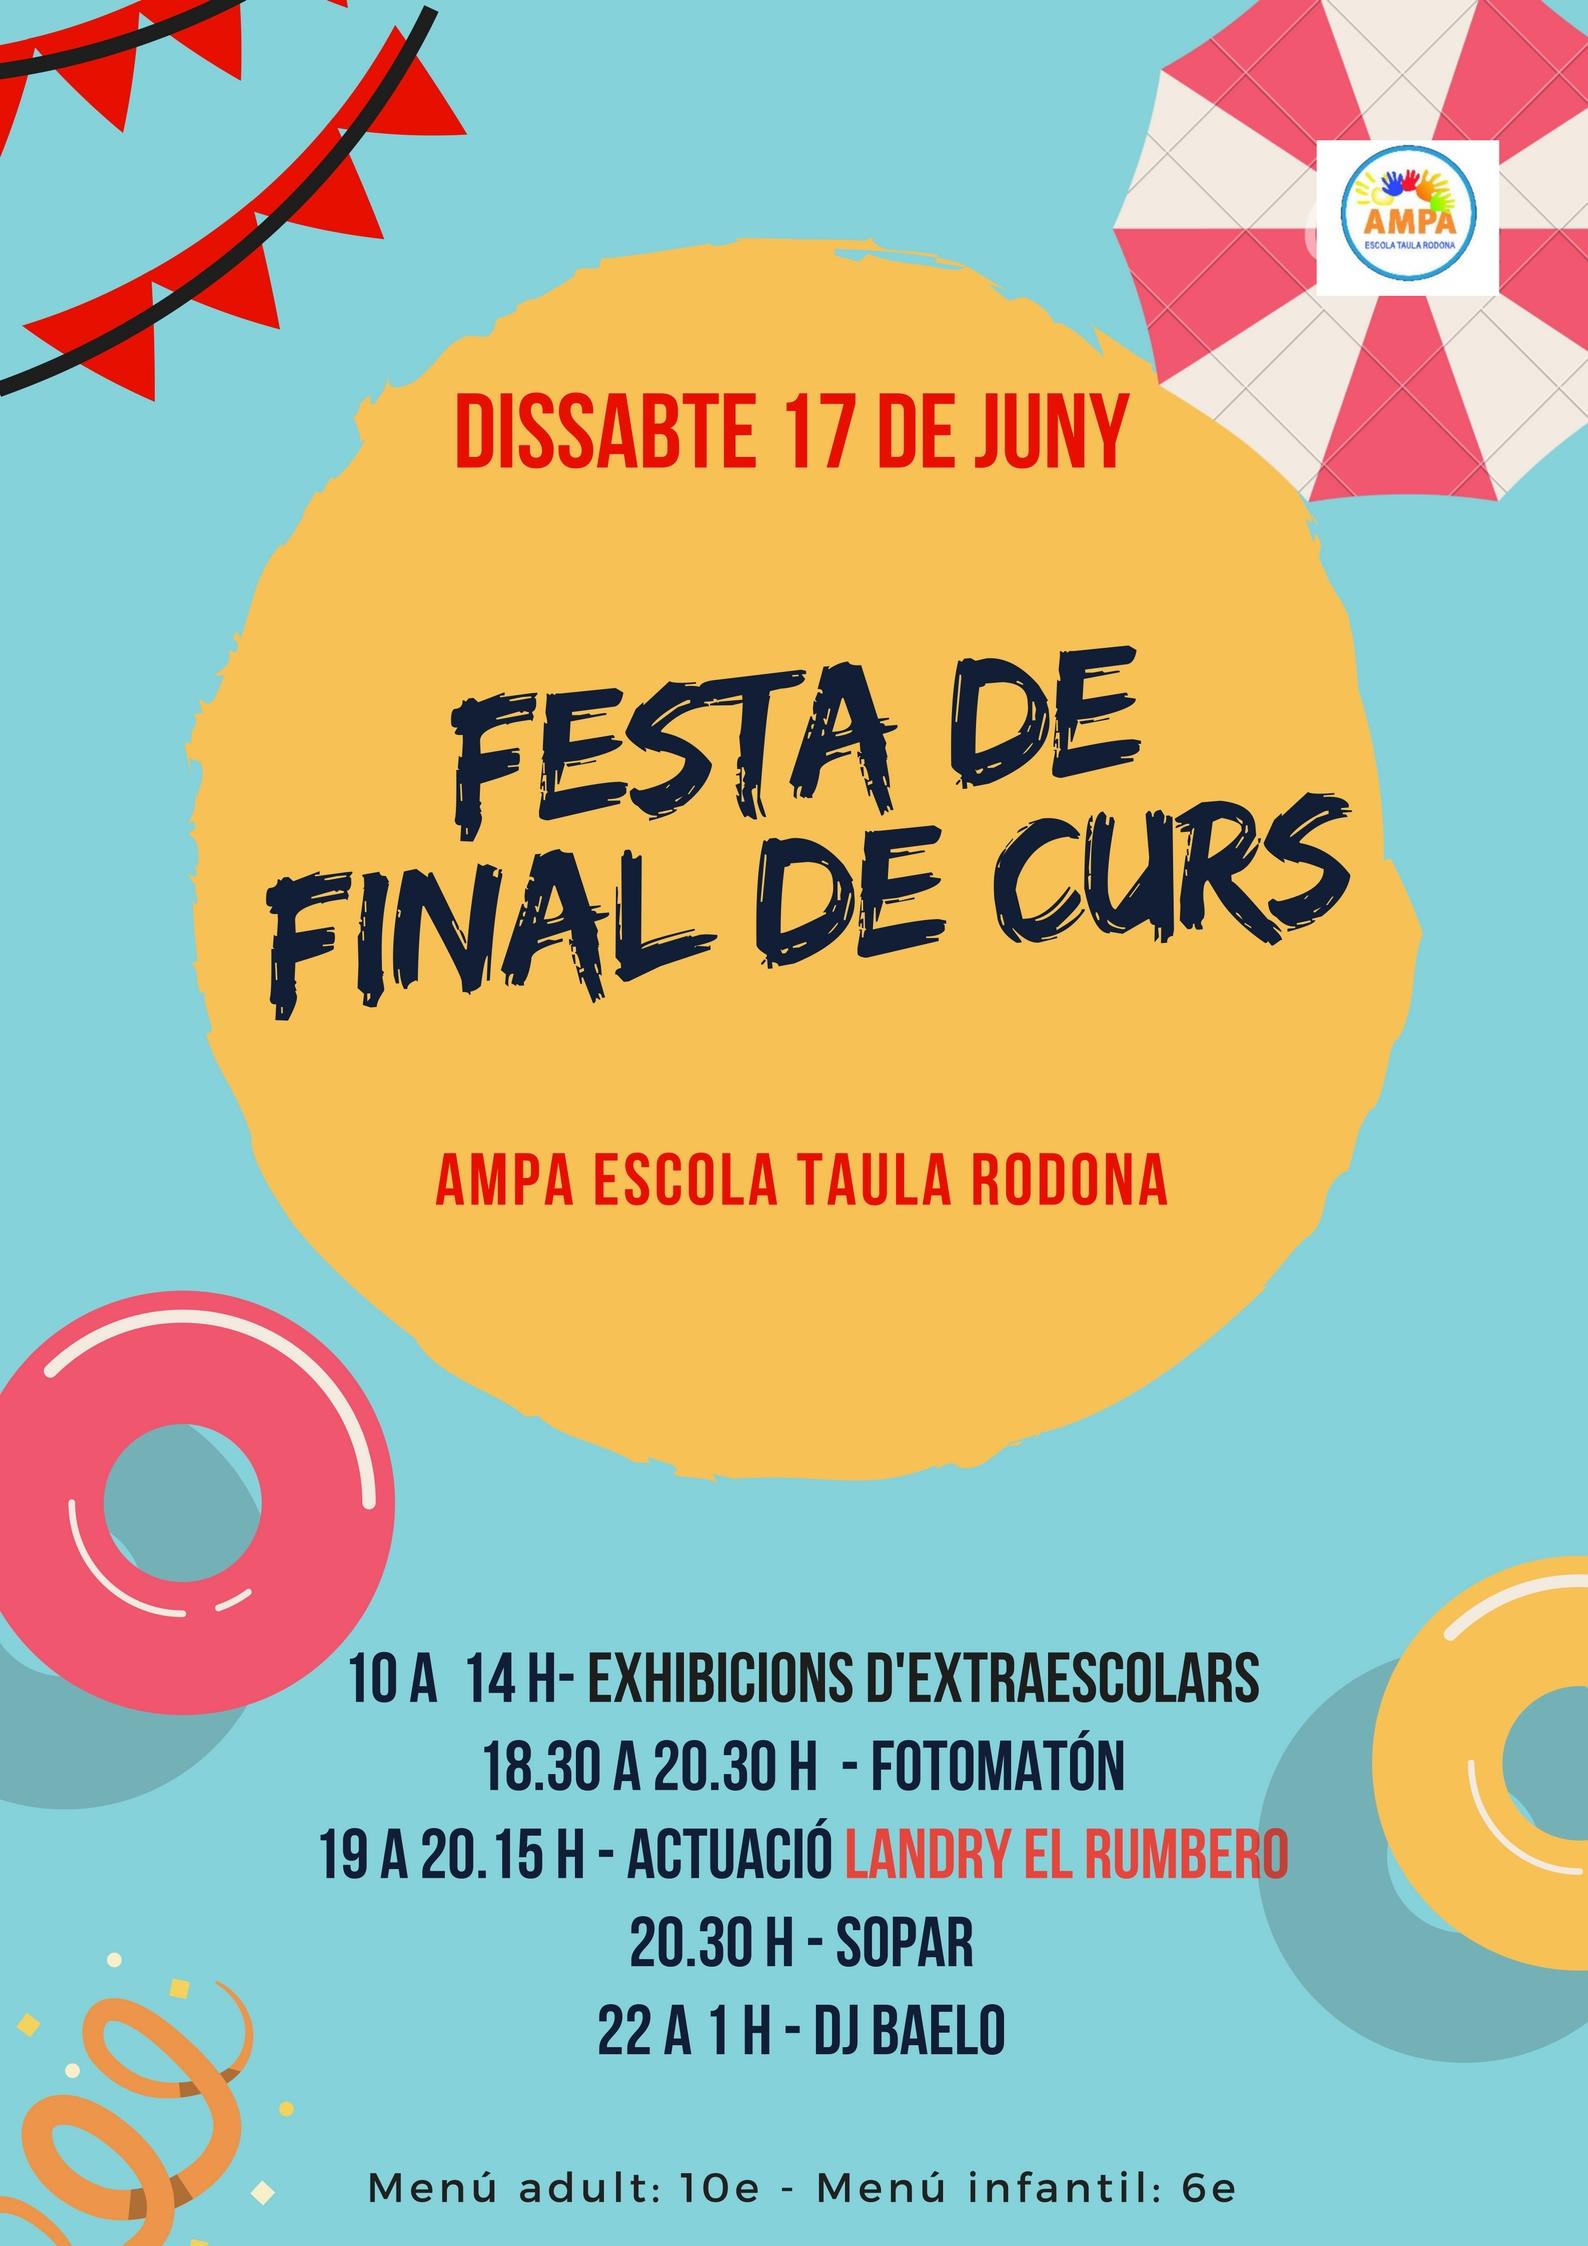 FESTA DE FINAL DE CURS